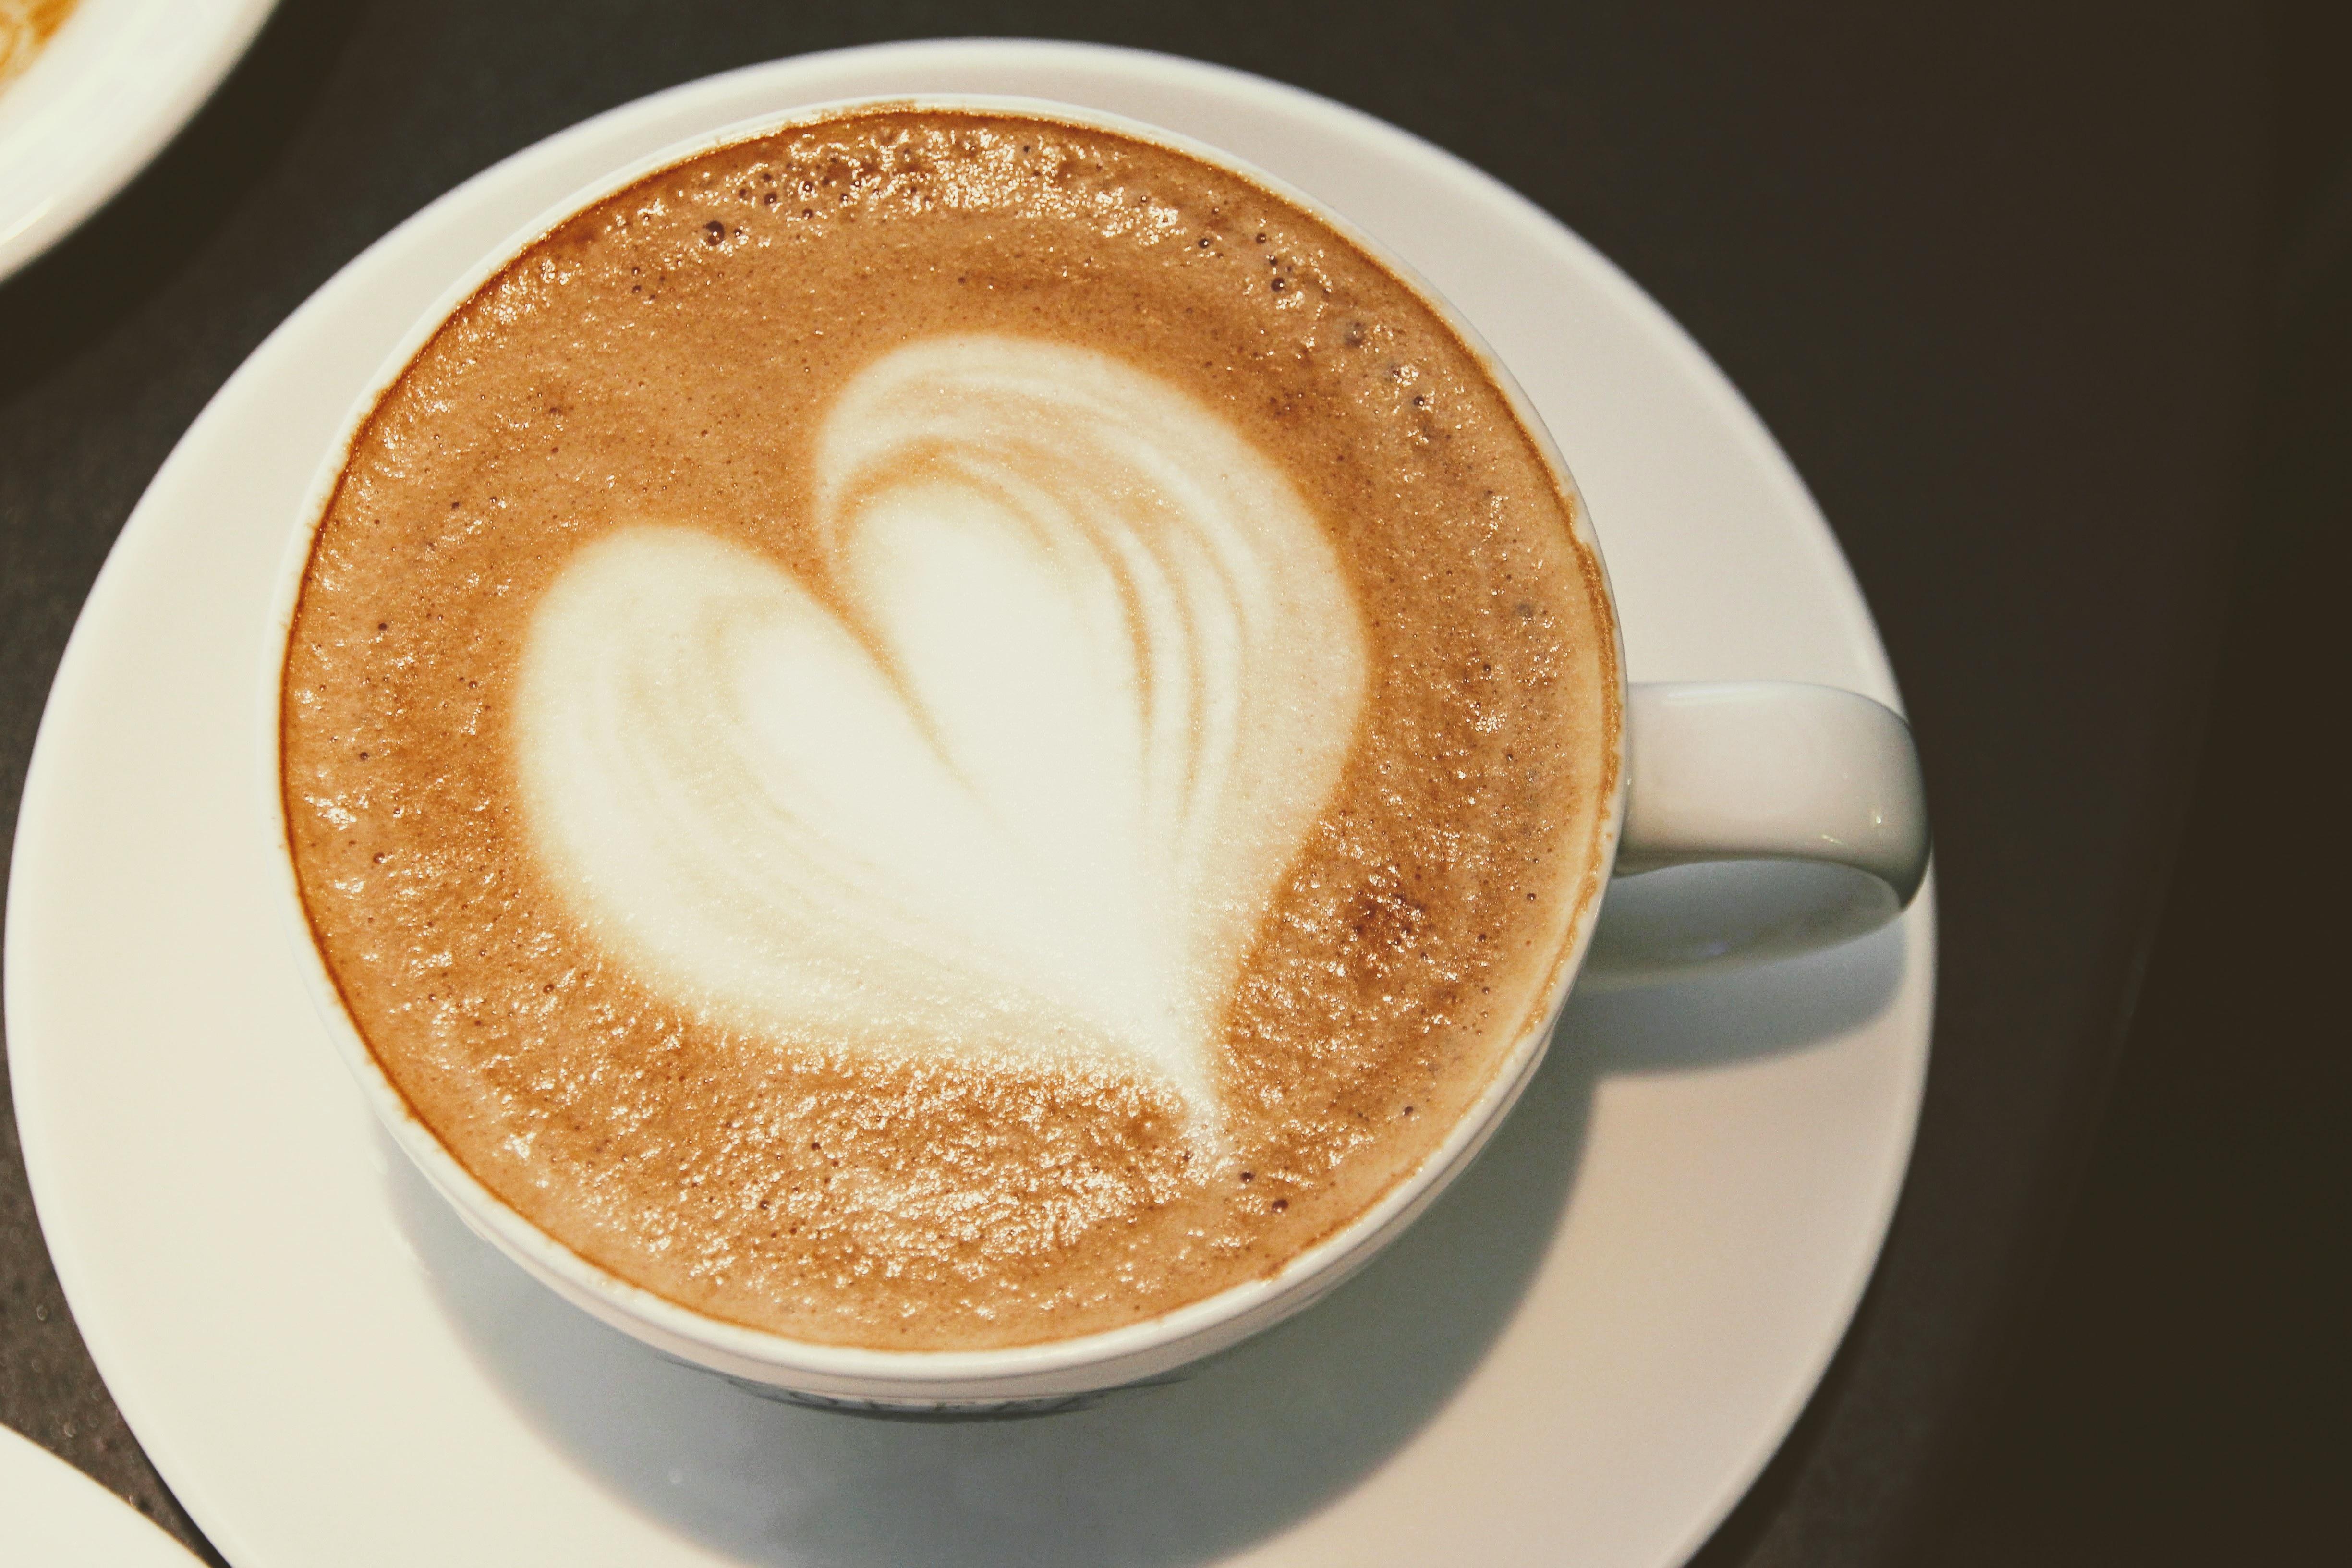 Images Gratuites Th 233 Coupe Latt 233 Cappuccino Amour C Ur Repas Boisson D 233 Jeuner